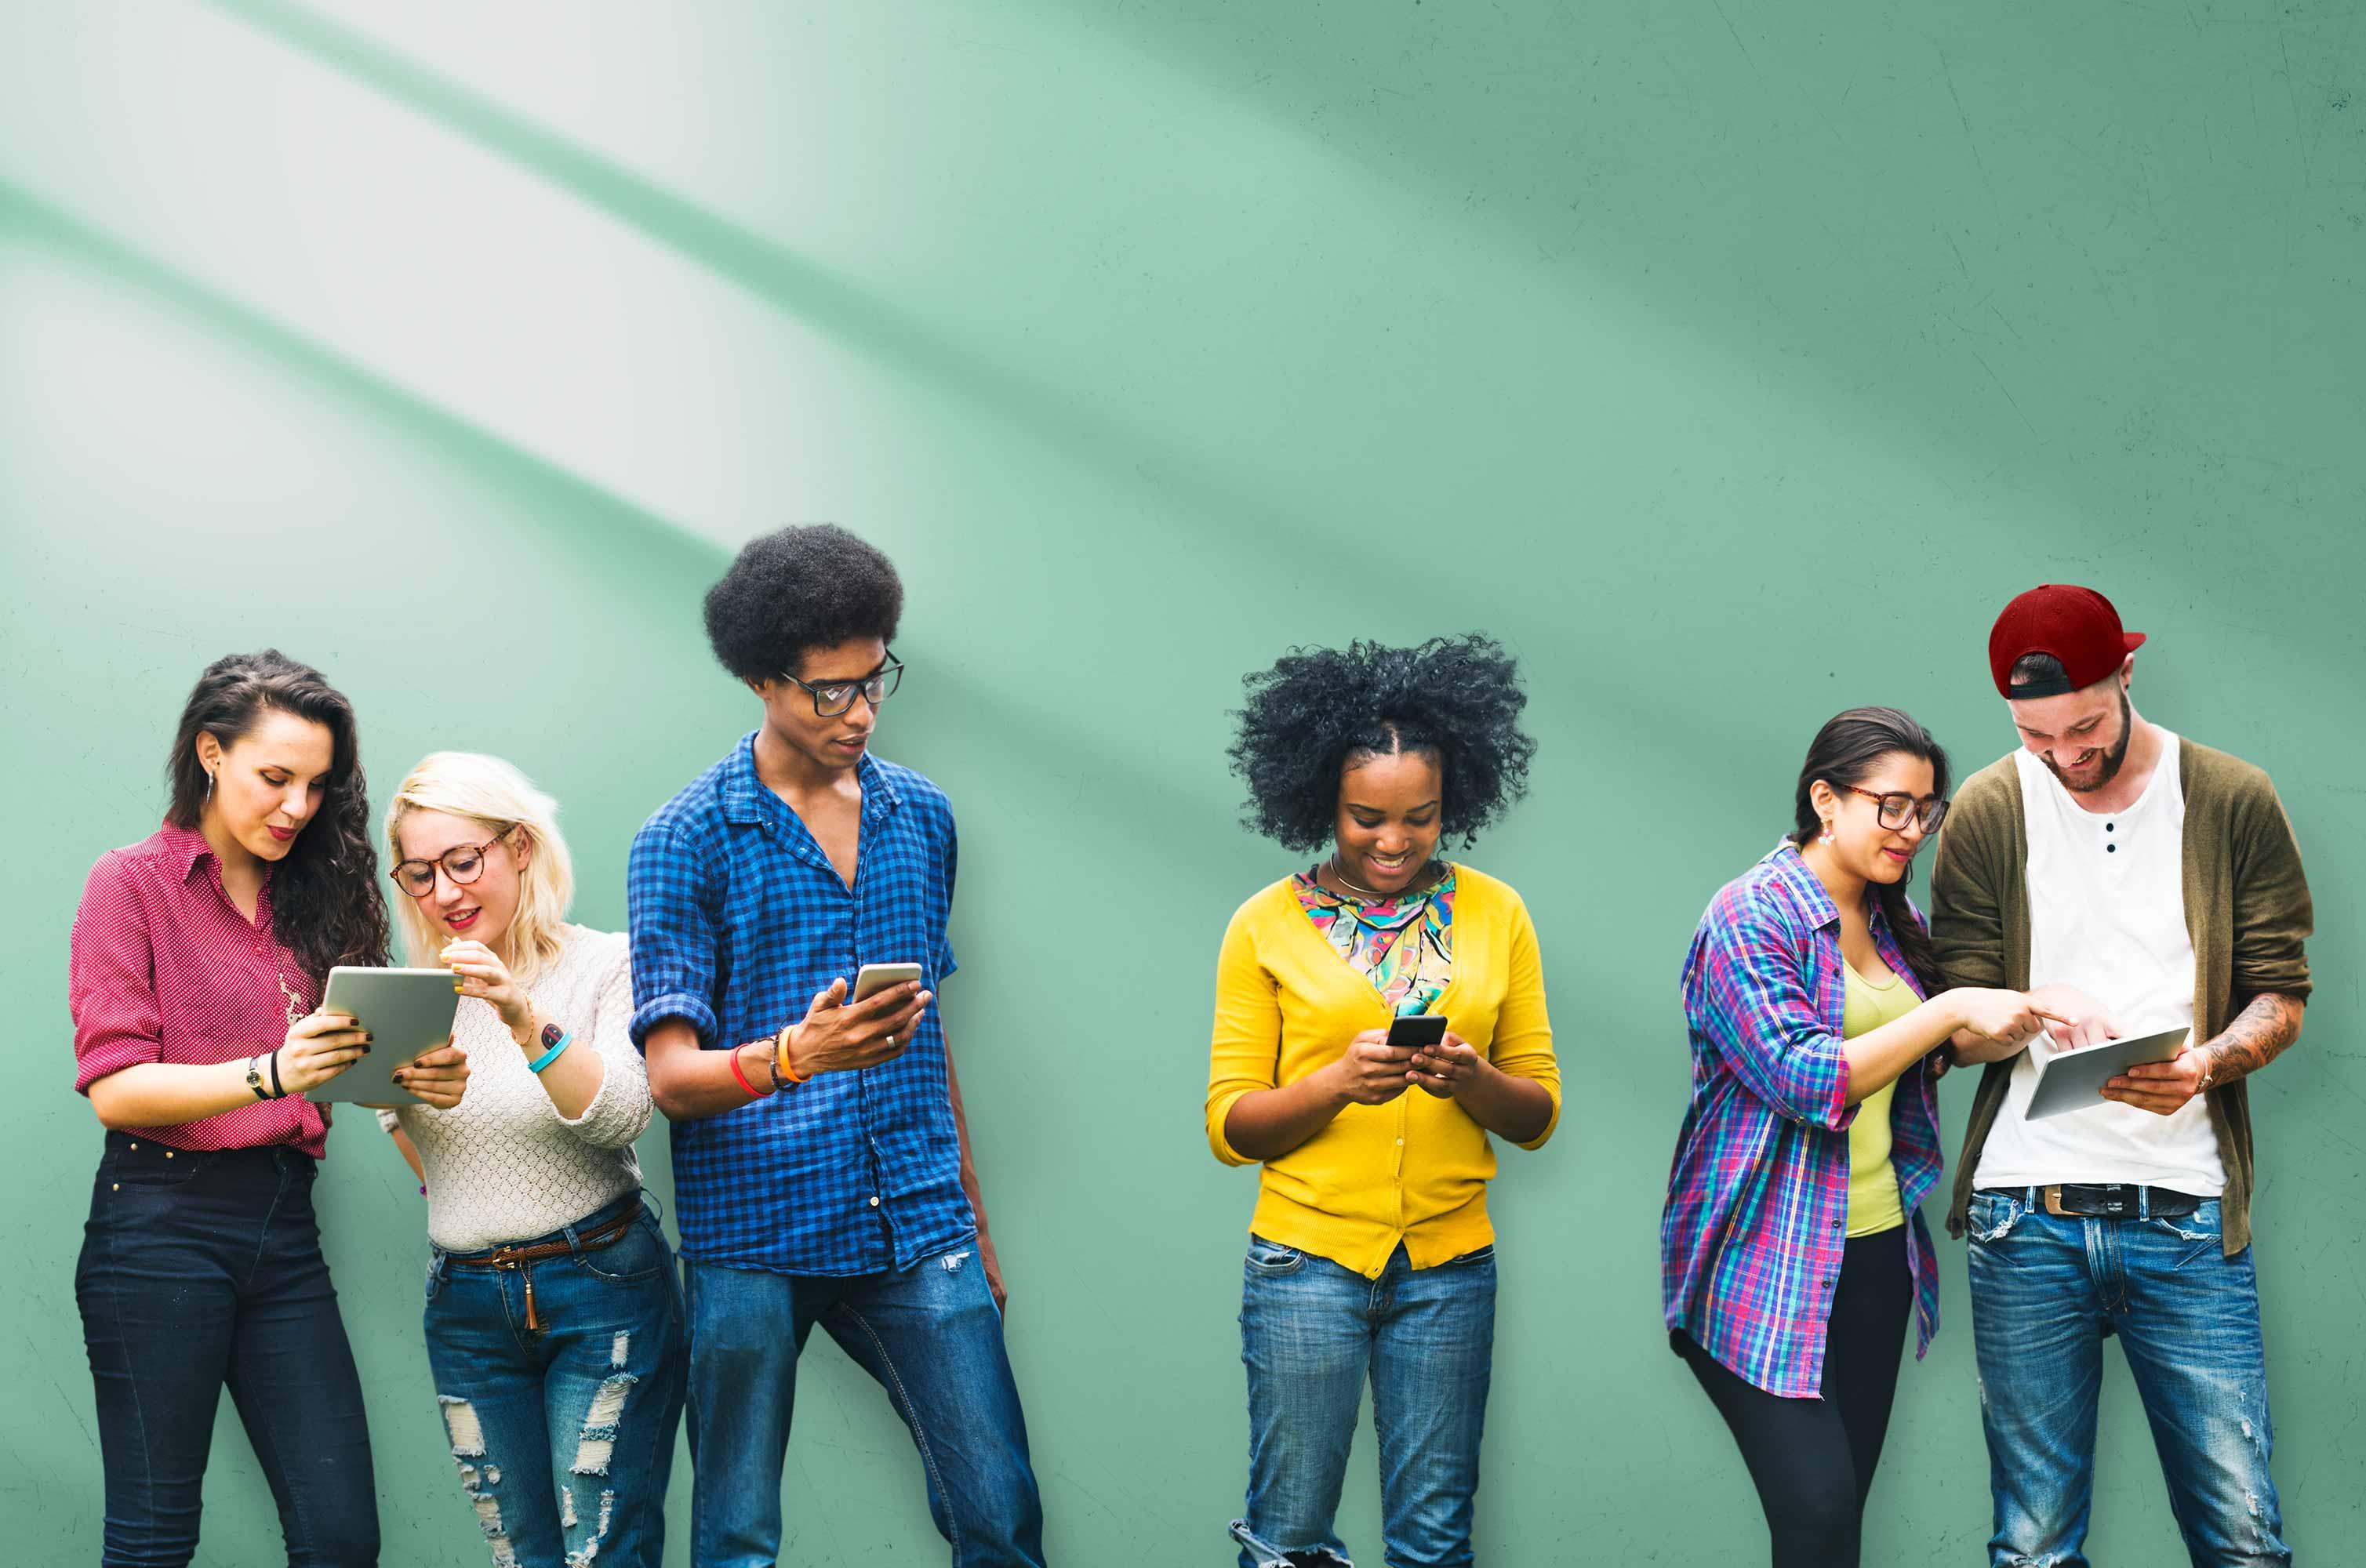 Verschieden aussehende Jugendliche stehen vor einer Wand und betrachten gemeinsam Inhalte auf mobilen Endgeräten